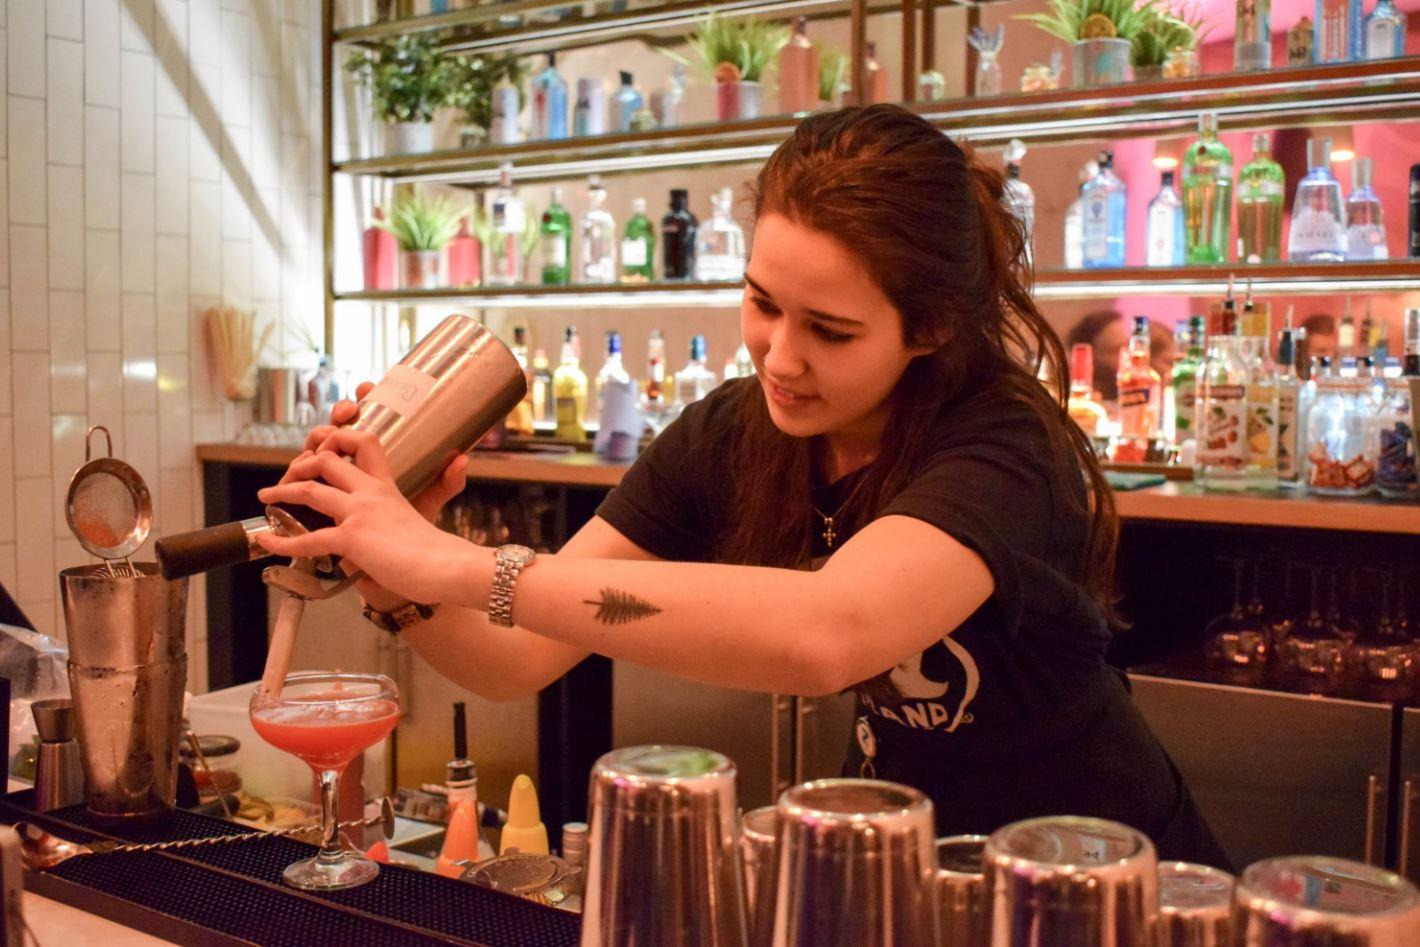 girl-bar-tender